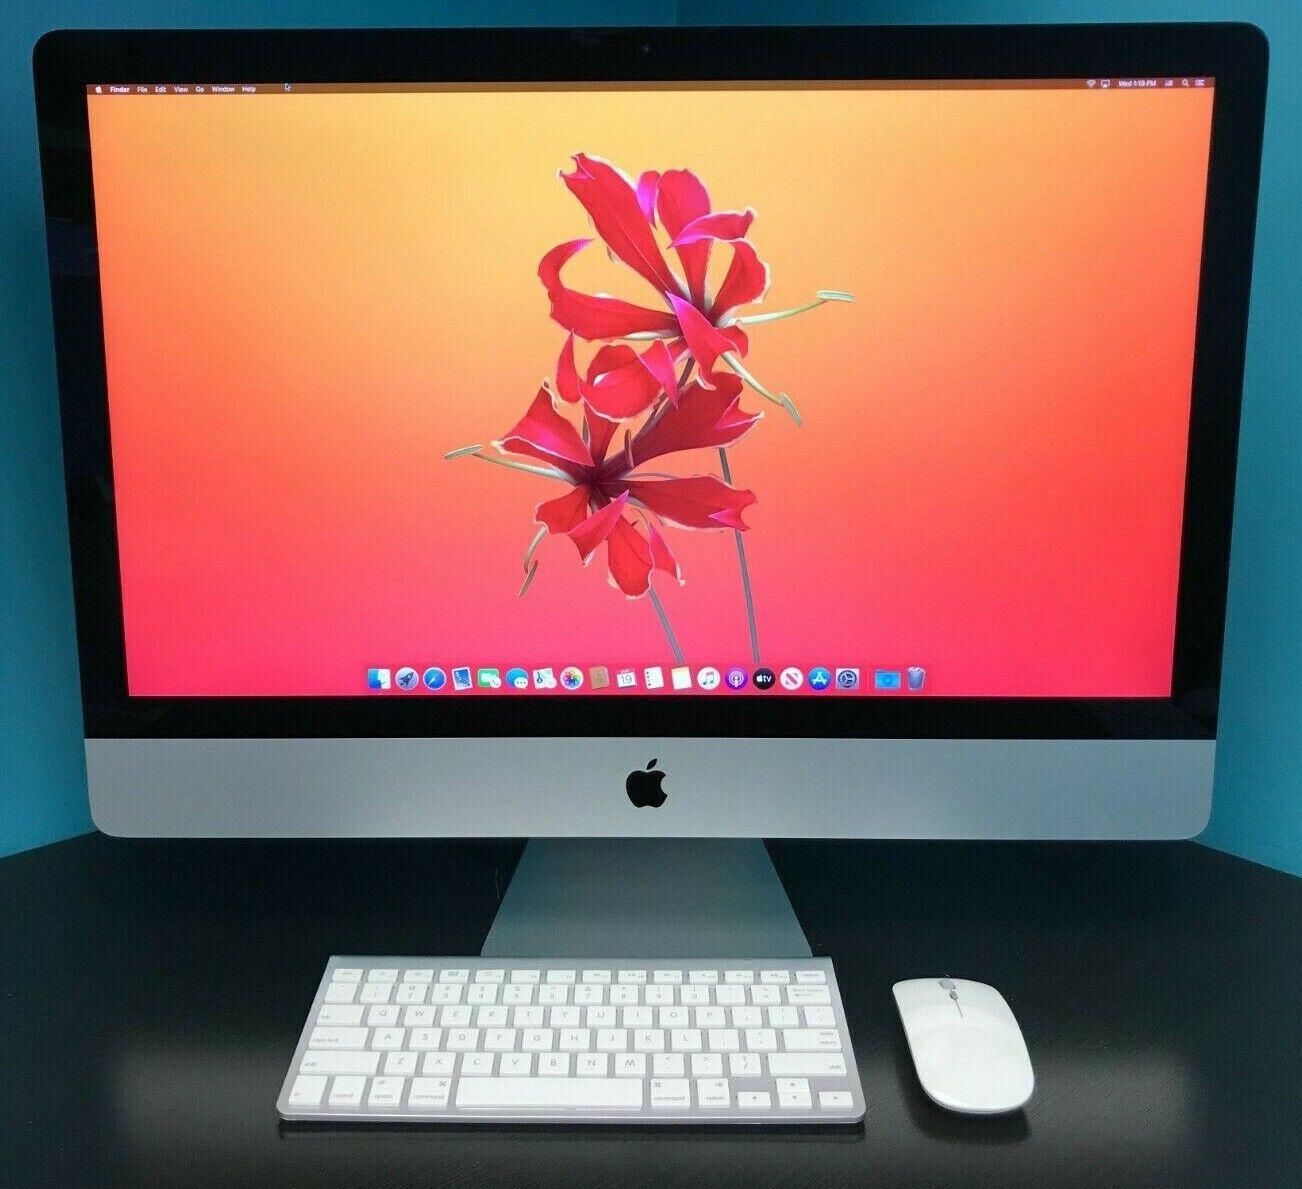 Apple iMac 27 5K Retina | 512GB SSD UPGRADED | 16GB RAM | OS2020 | WARRANTY!. Buy it now for 1399.00